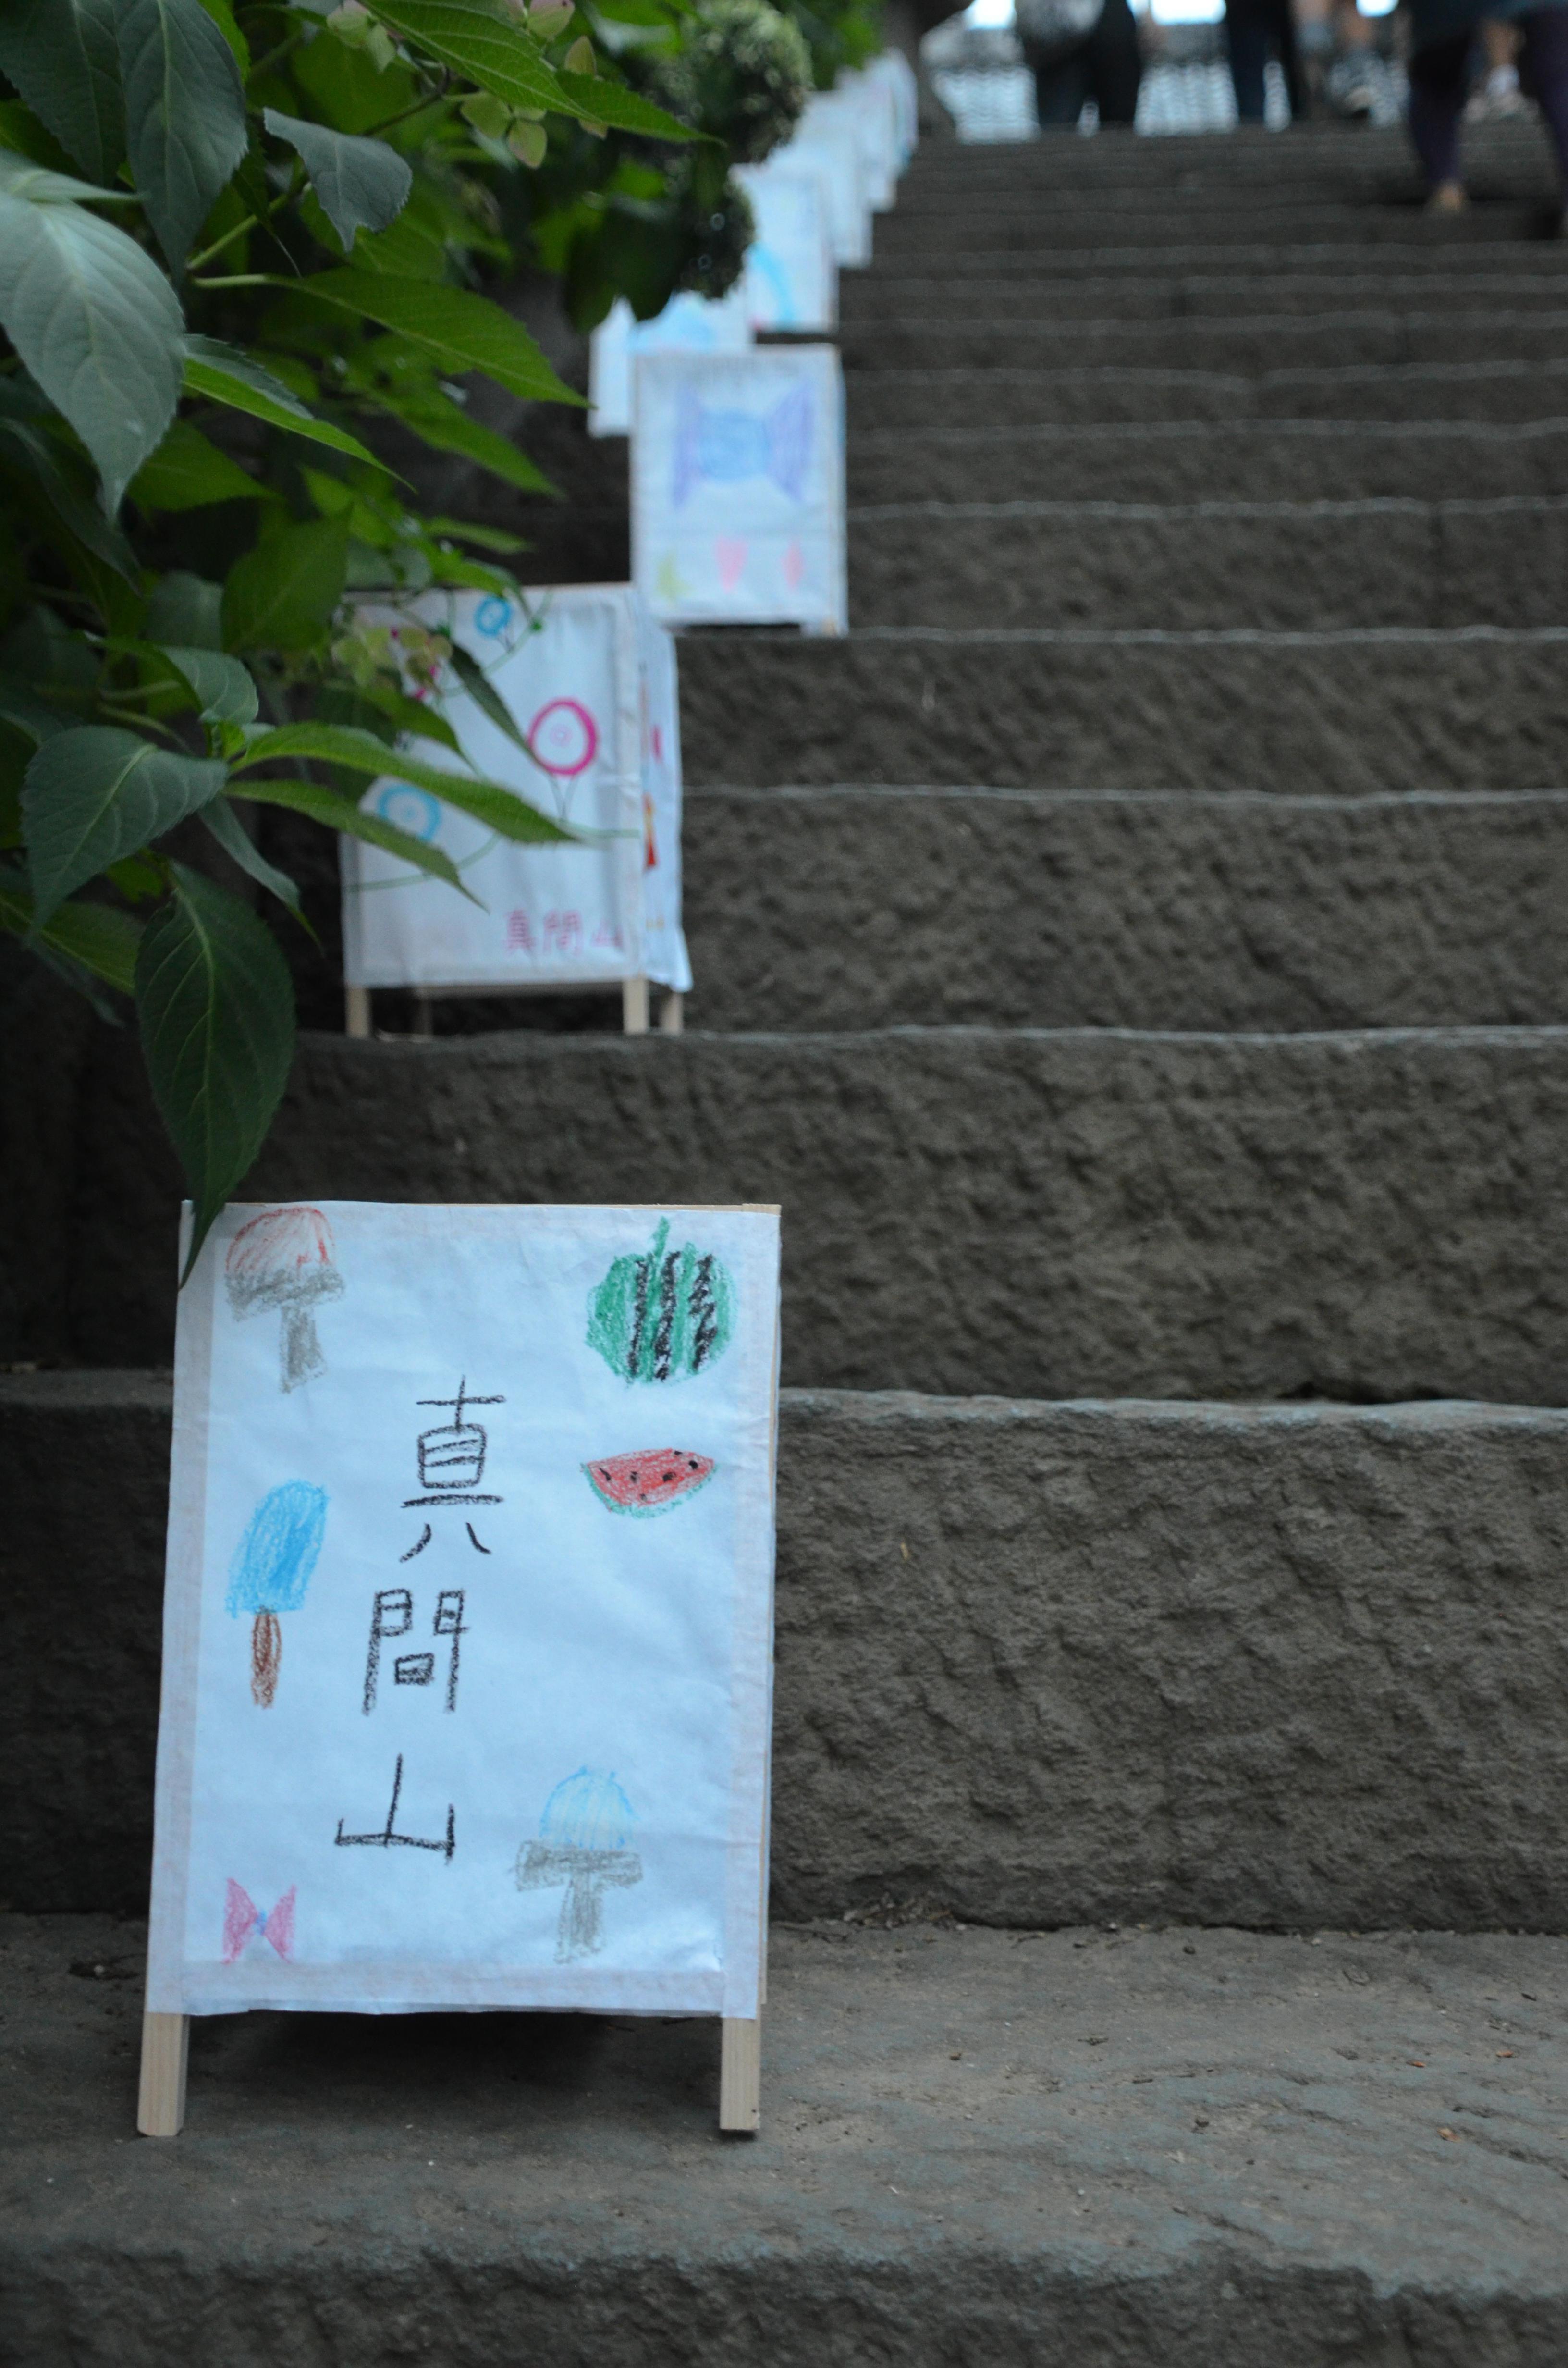 千葉商科大学 -- 市川市民の手作り行灯が輝く!「真間あんどん祭り」で地域活性化